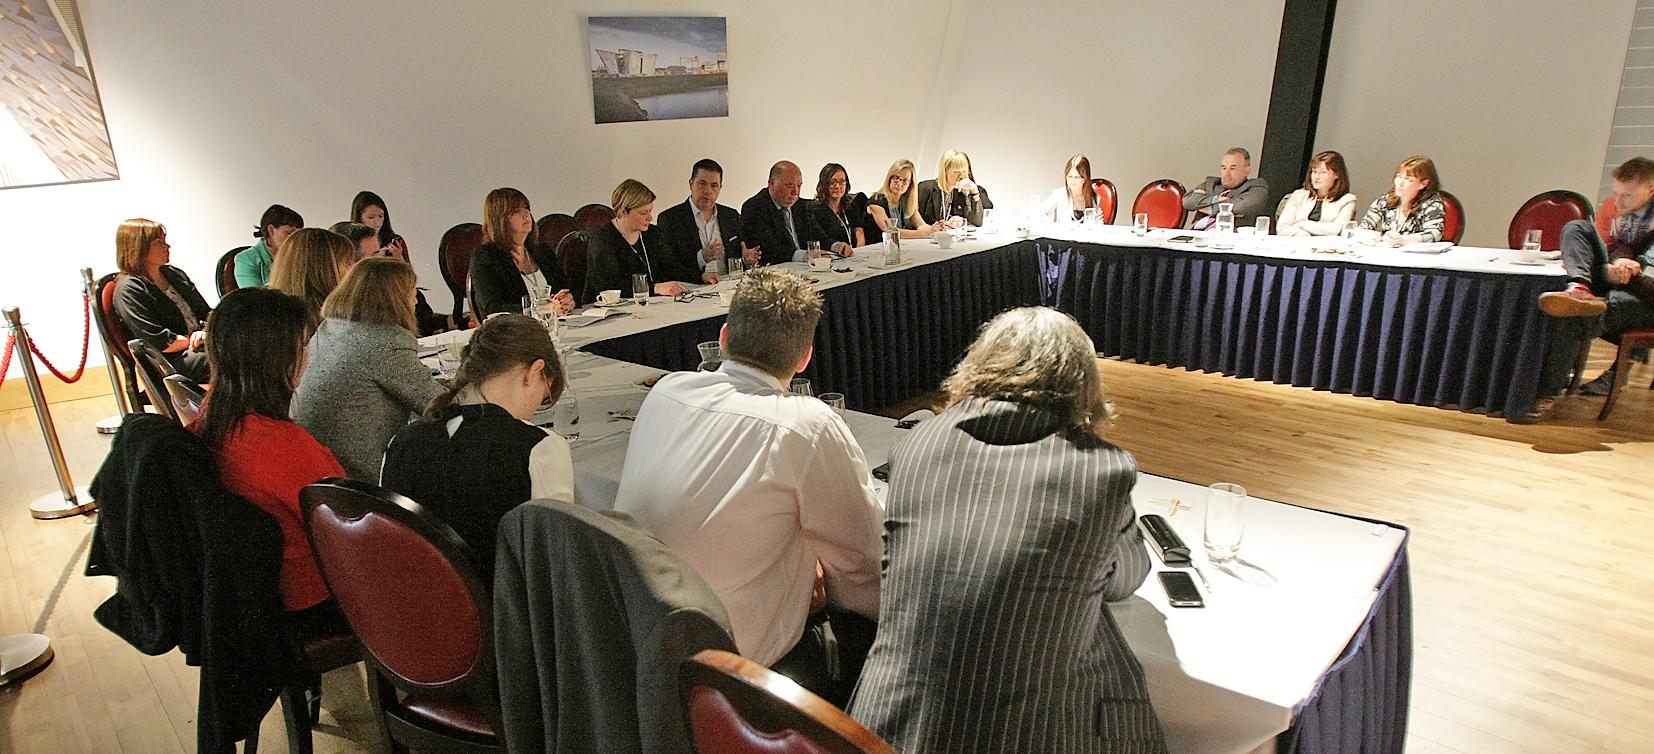 One City Conference Titanic Belfast 54105mj13